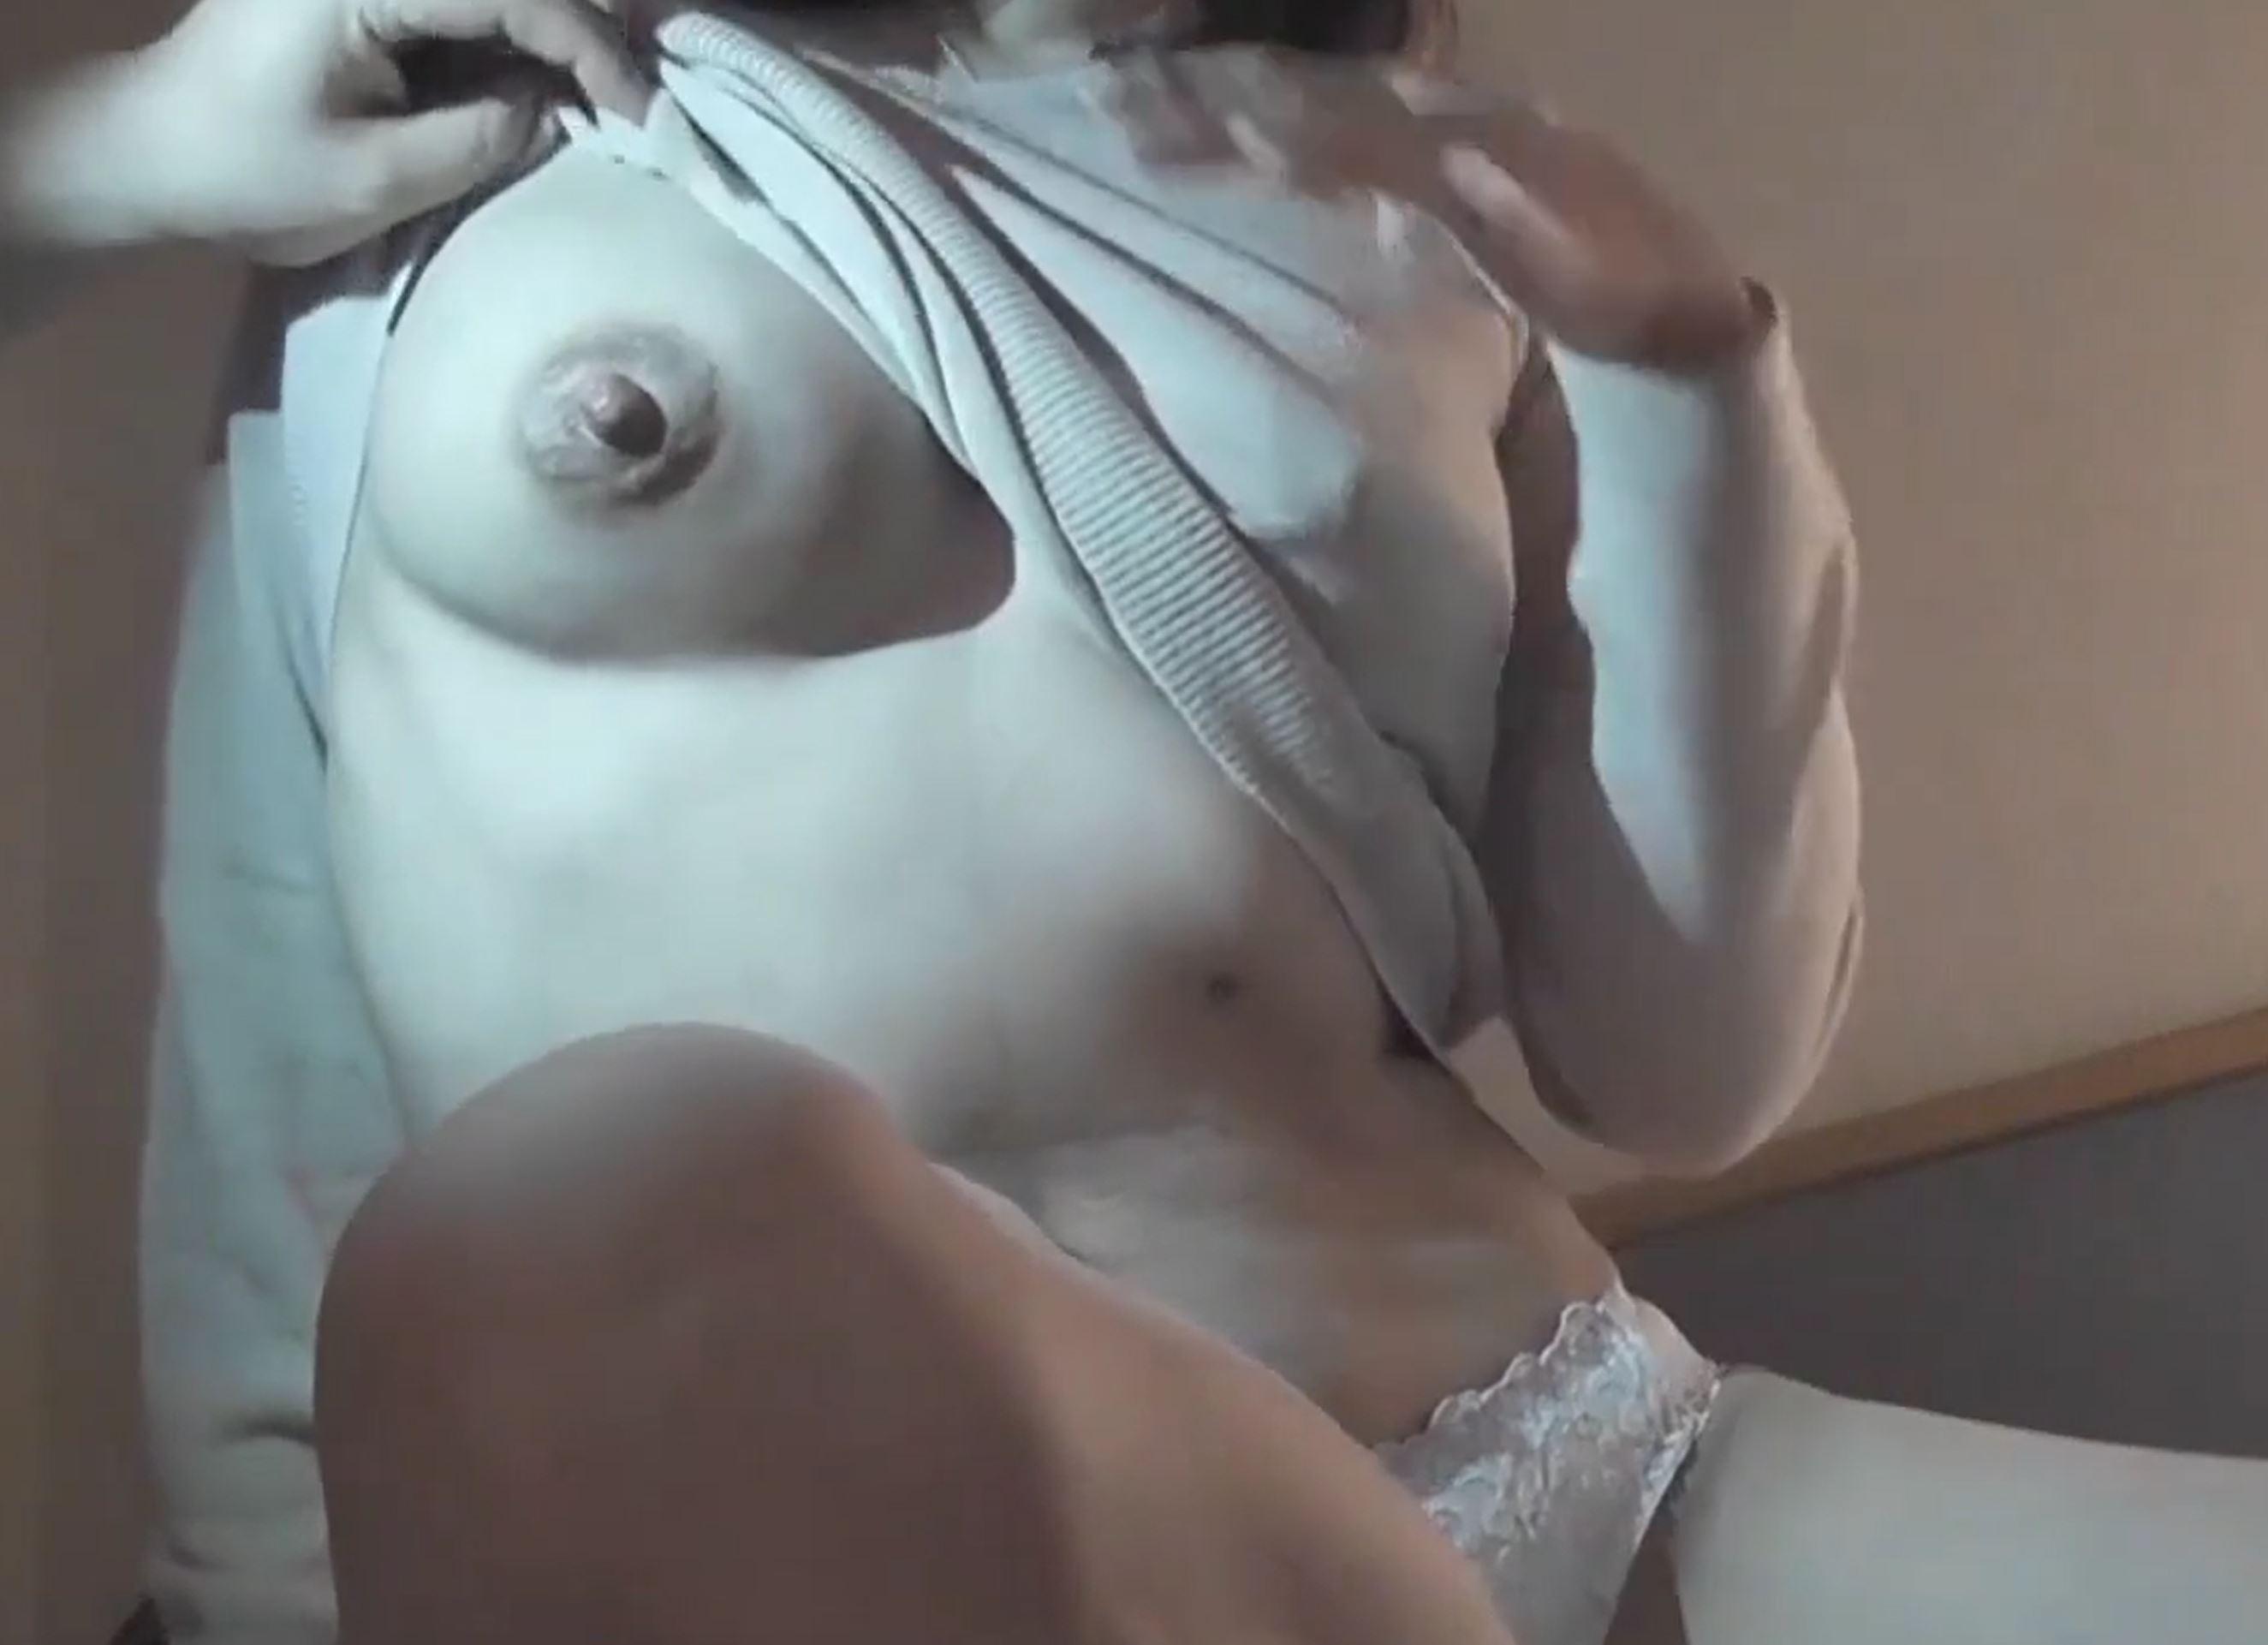 【個人撮影】寝取られ専用美人妻、ホテルでエロ調教され乳搾り